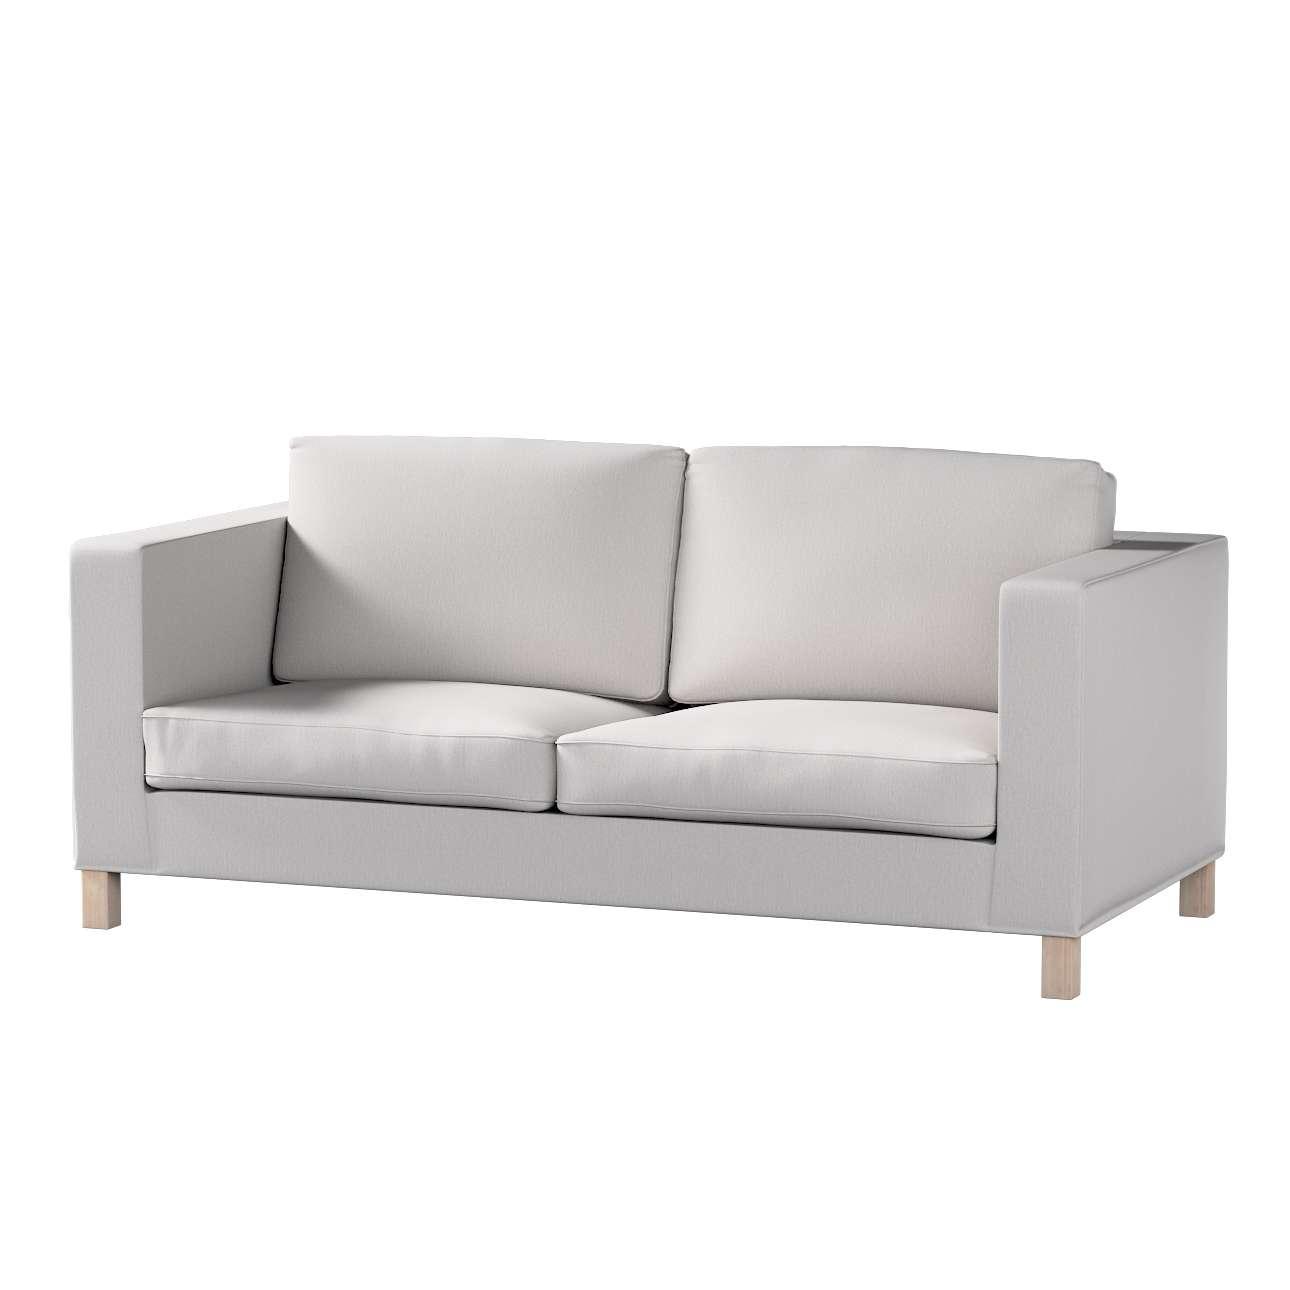 Pokrowiec na sofę Karlanda rozkładaną, krótki Sofa Karlanda rozkładana w kolekcji Chenille, tkanina: 702-23